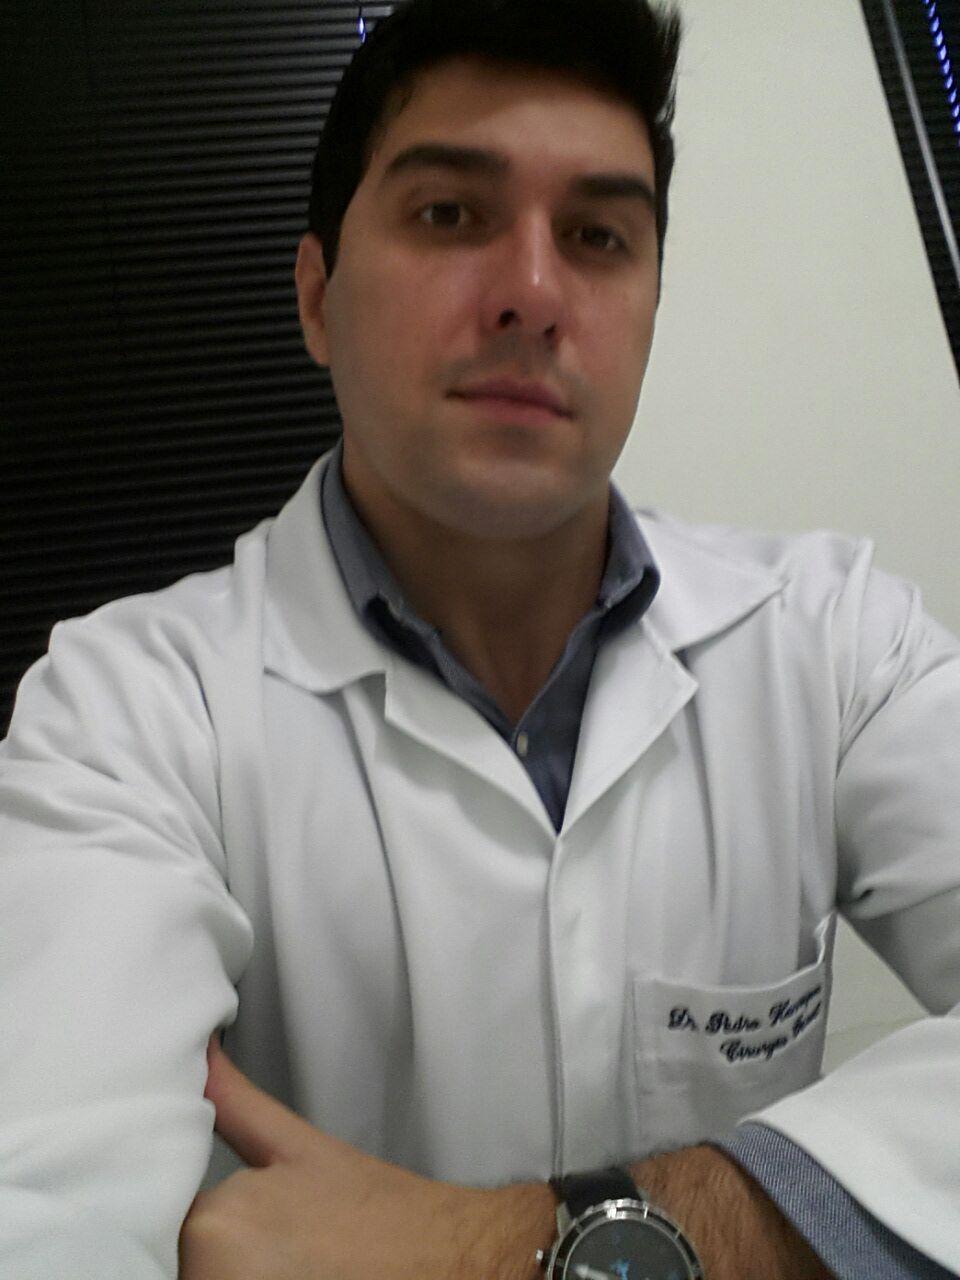 Pedro Henrique Salgado da Costa Leite